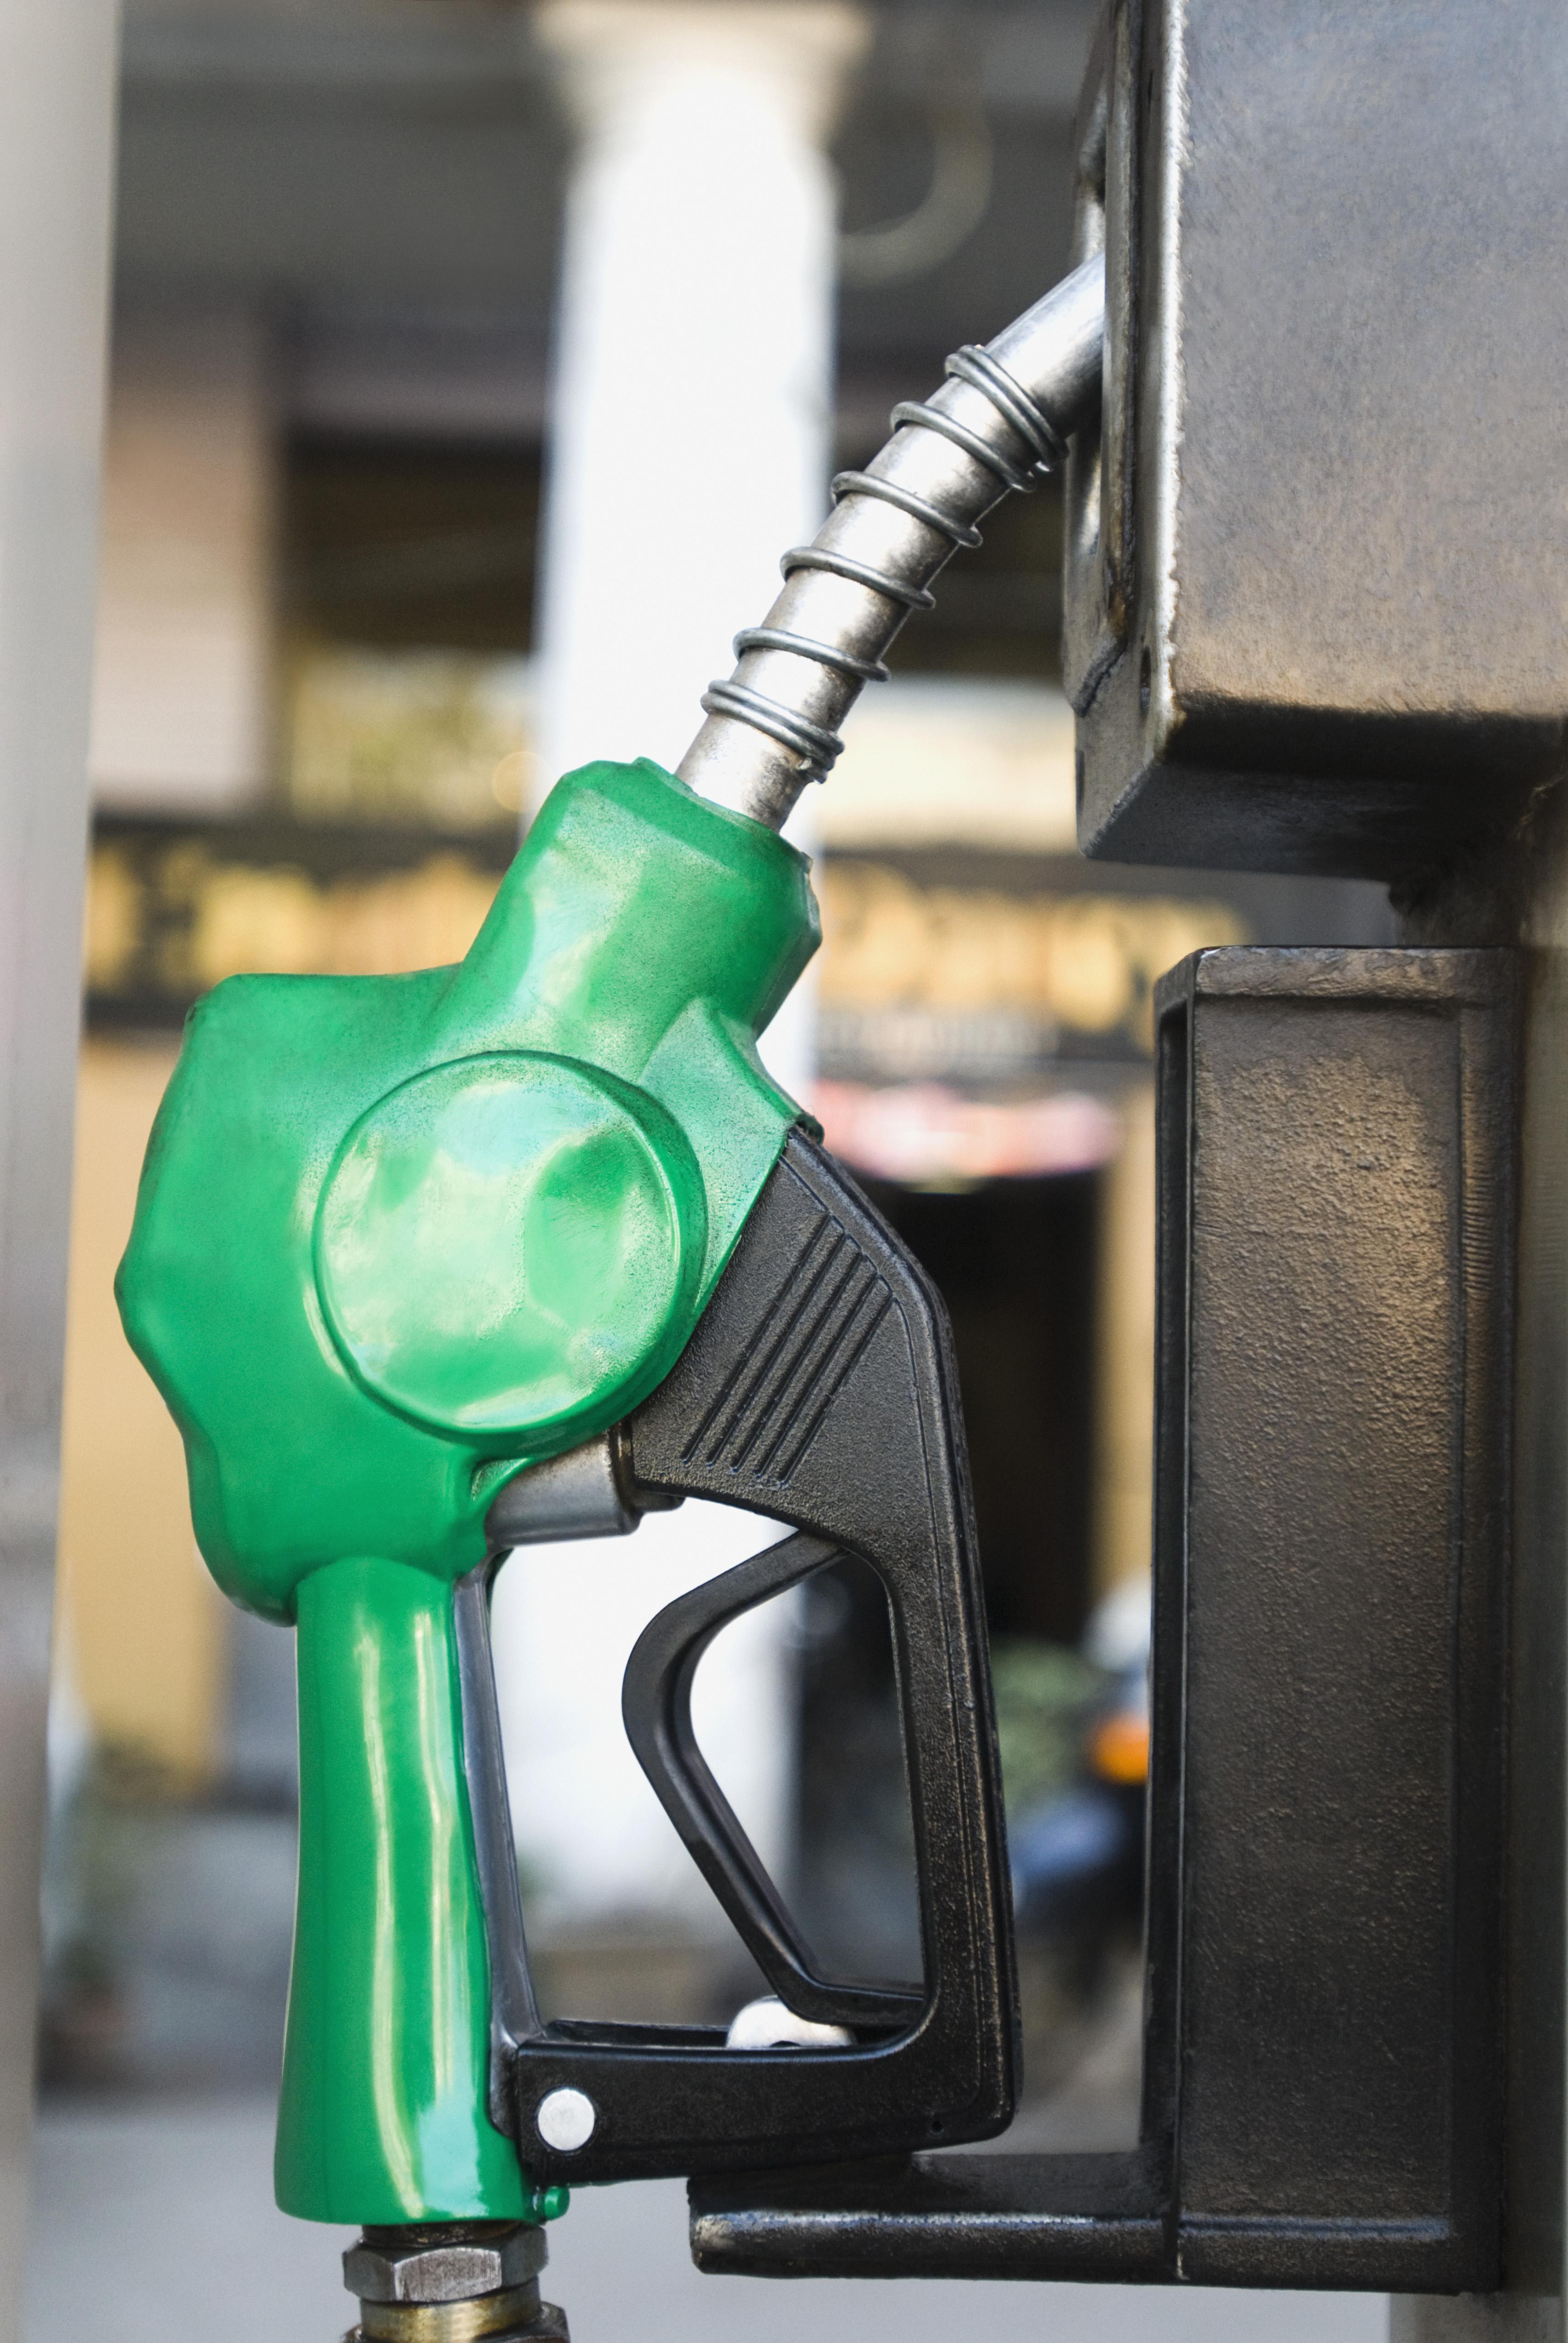 Close-up of a gas pump nozzle, Delhi, India